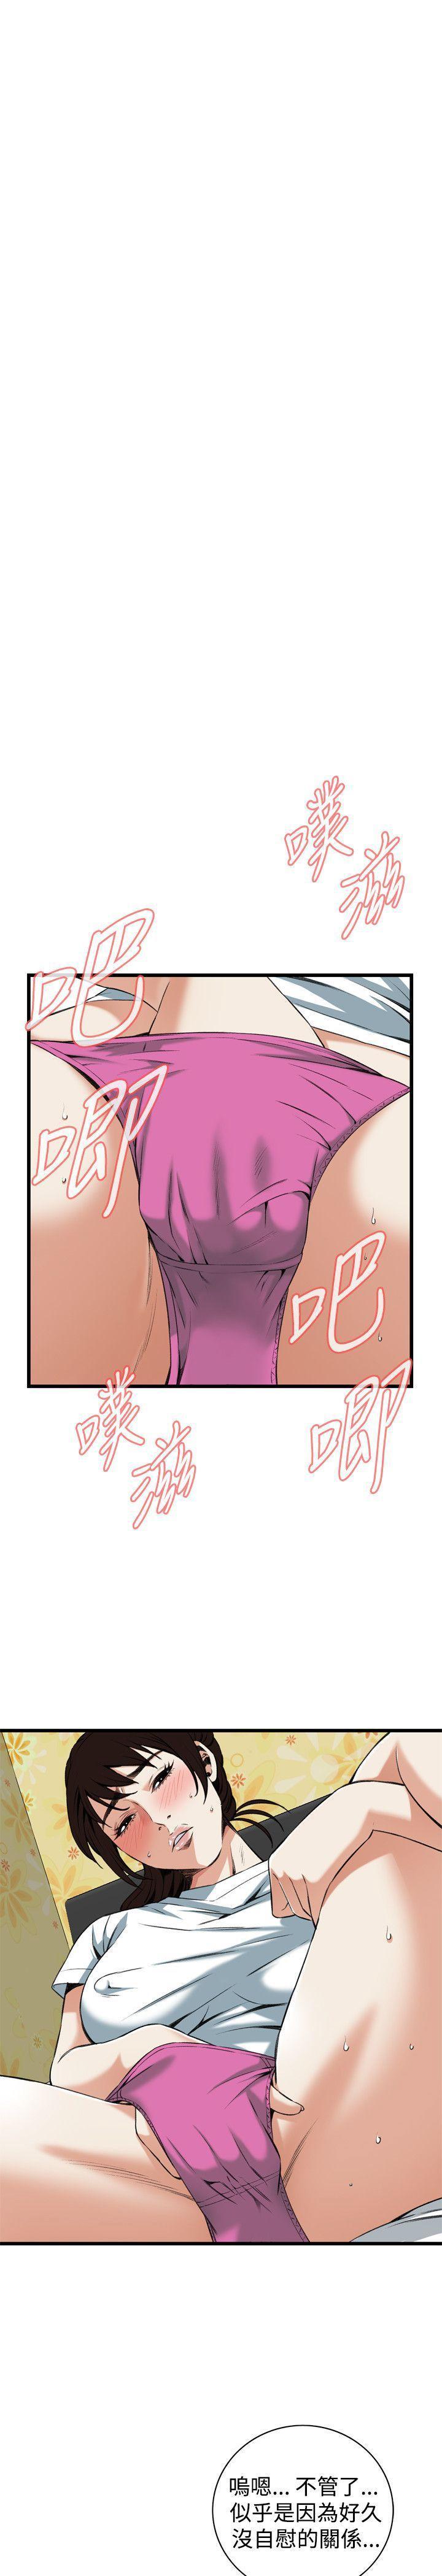 偷窥72-93 Chinese Rsiky 425